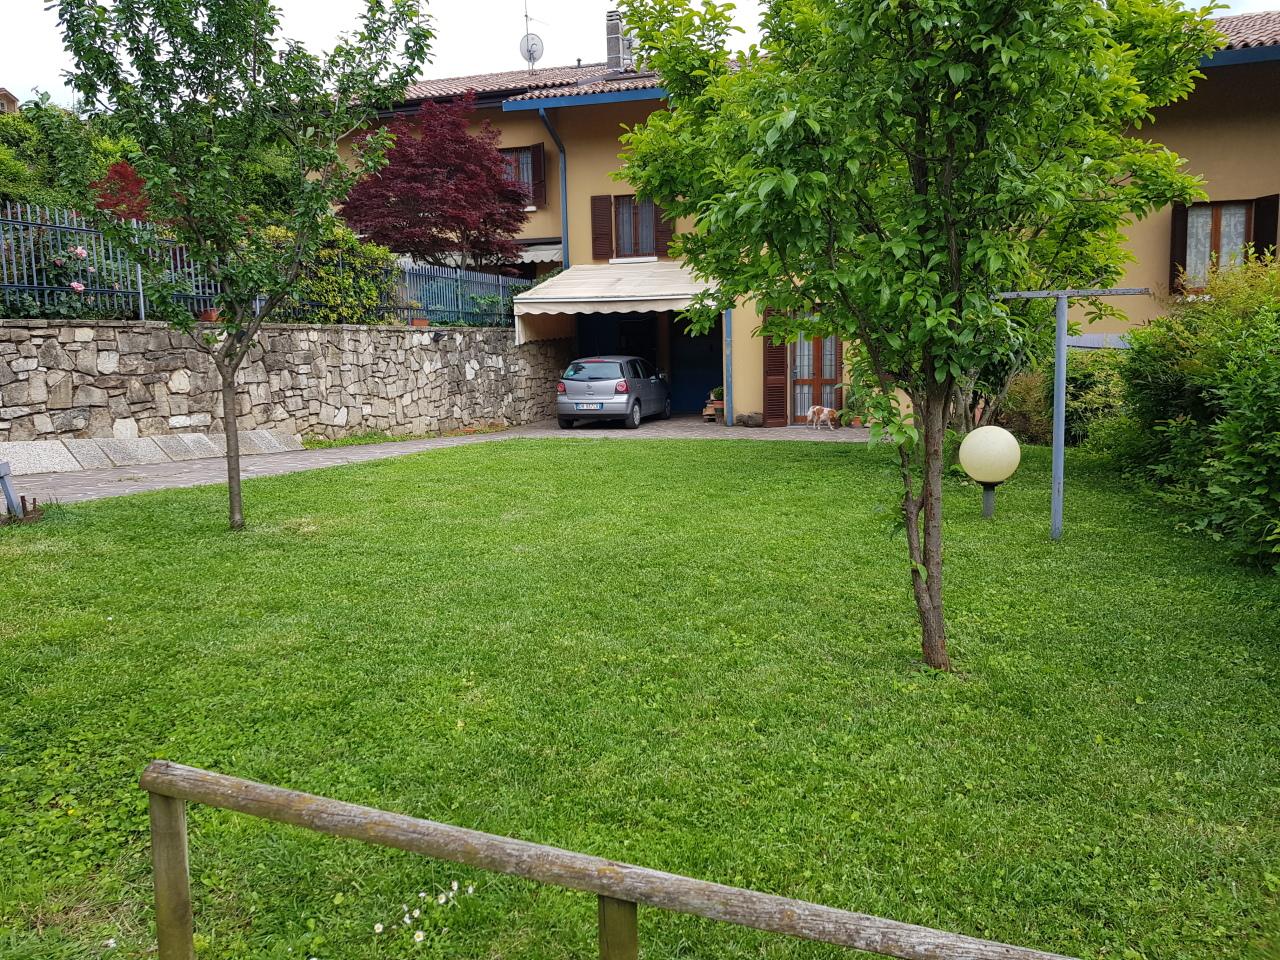 Villa a Schiera in vendita a Cellatica, 5 locali, prezzo € 398.000 | PortaleAgenzieImmobiliari.it